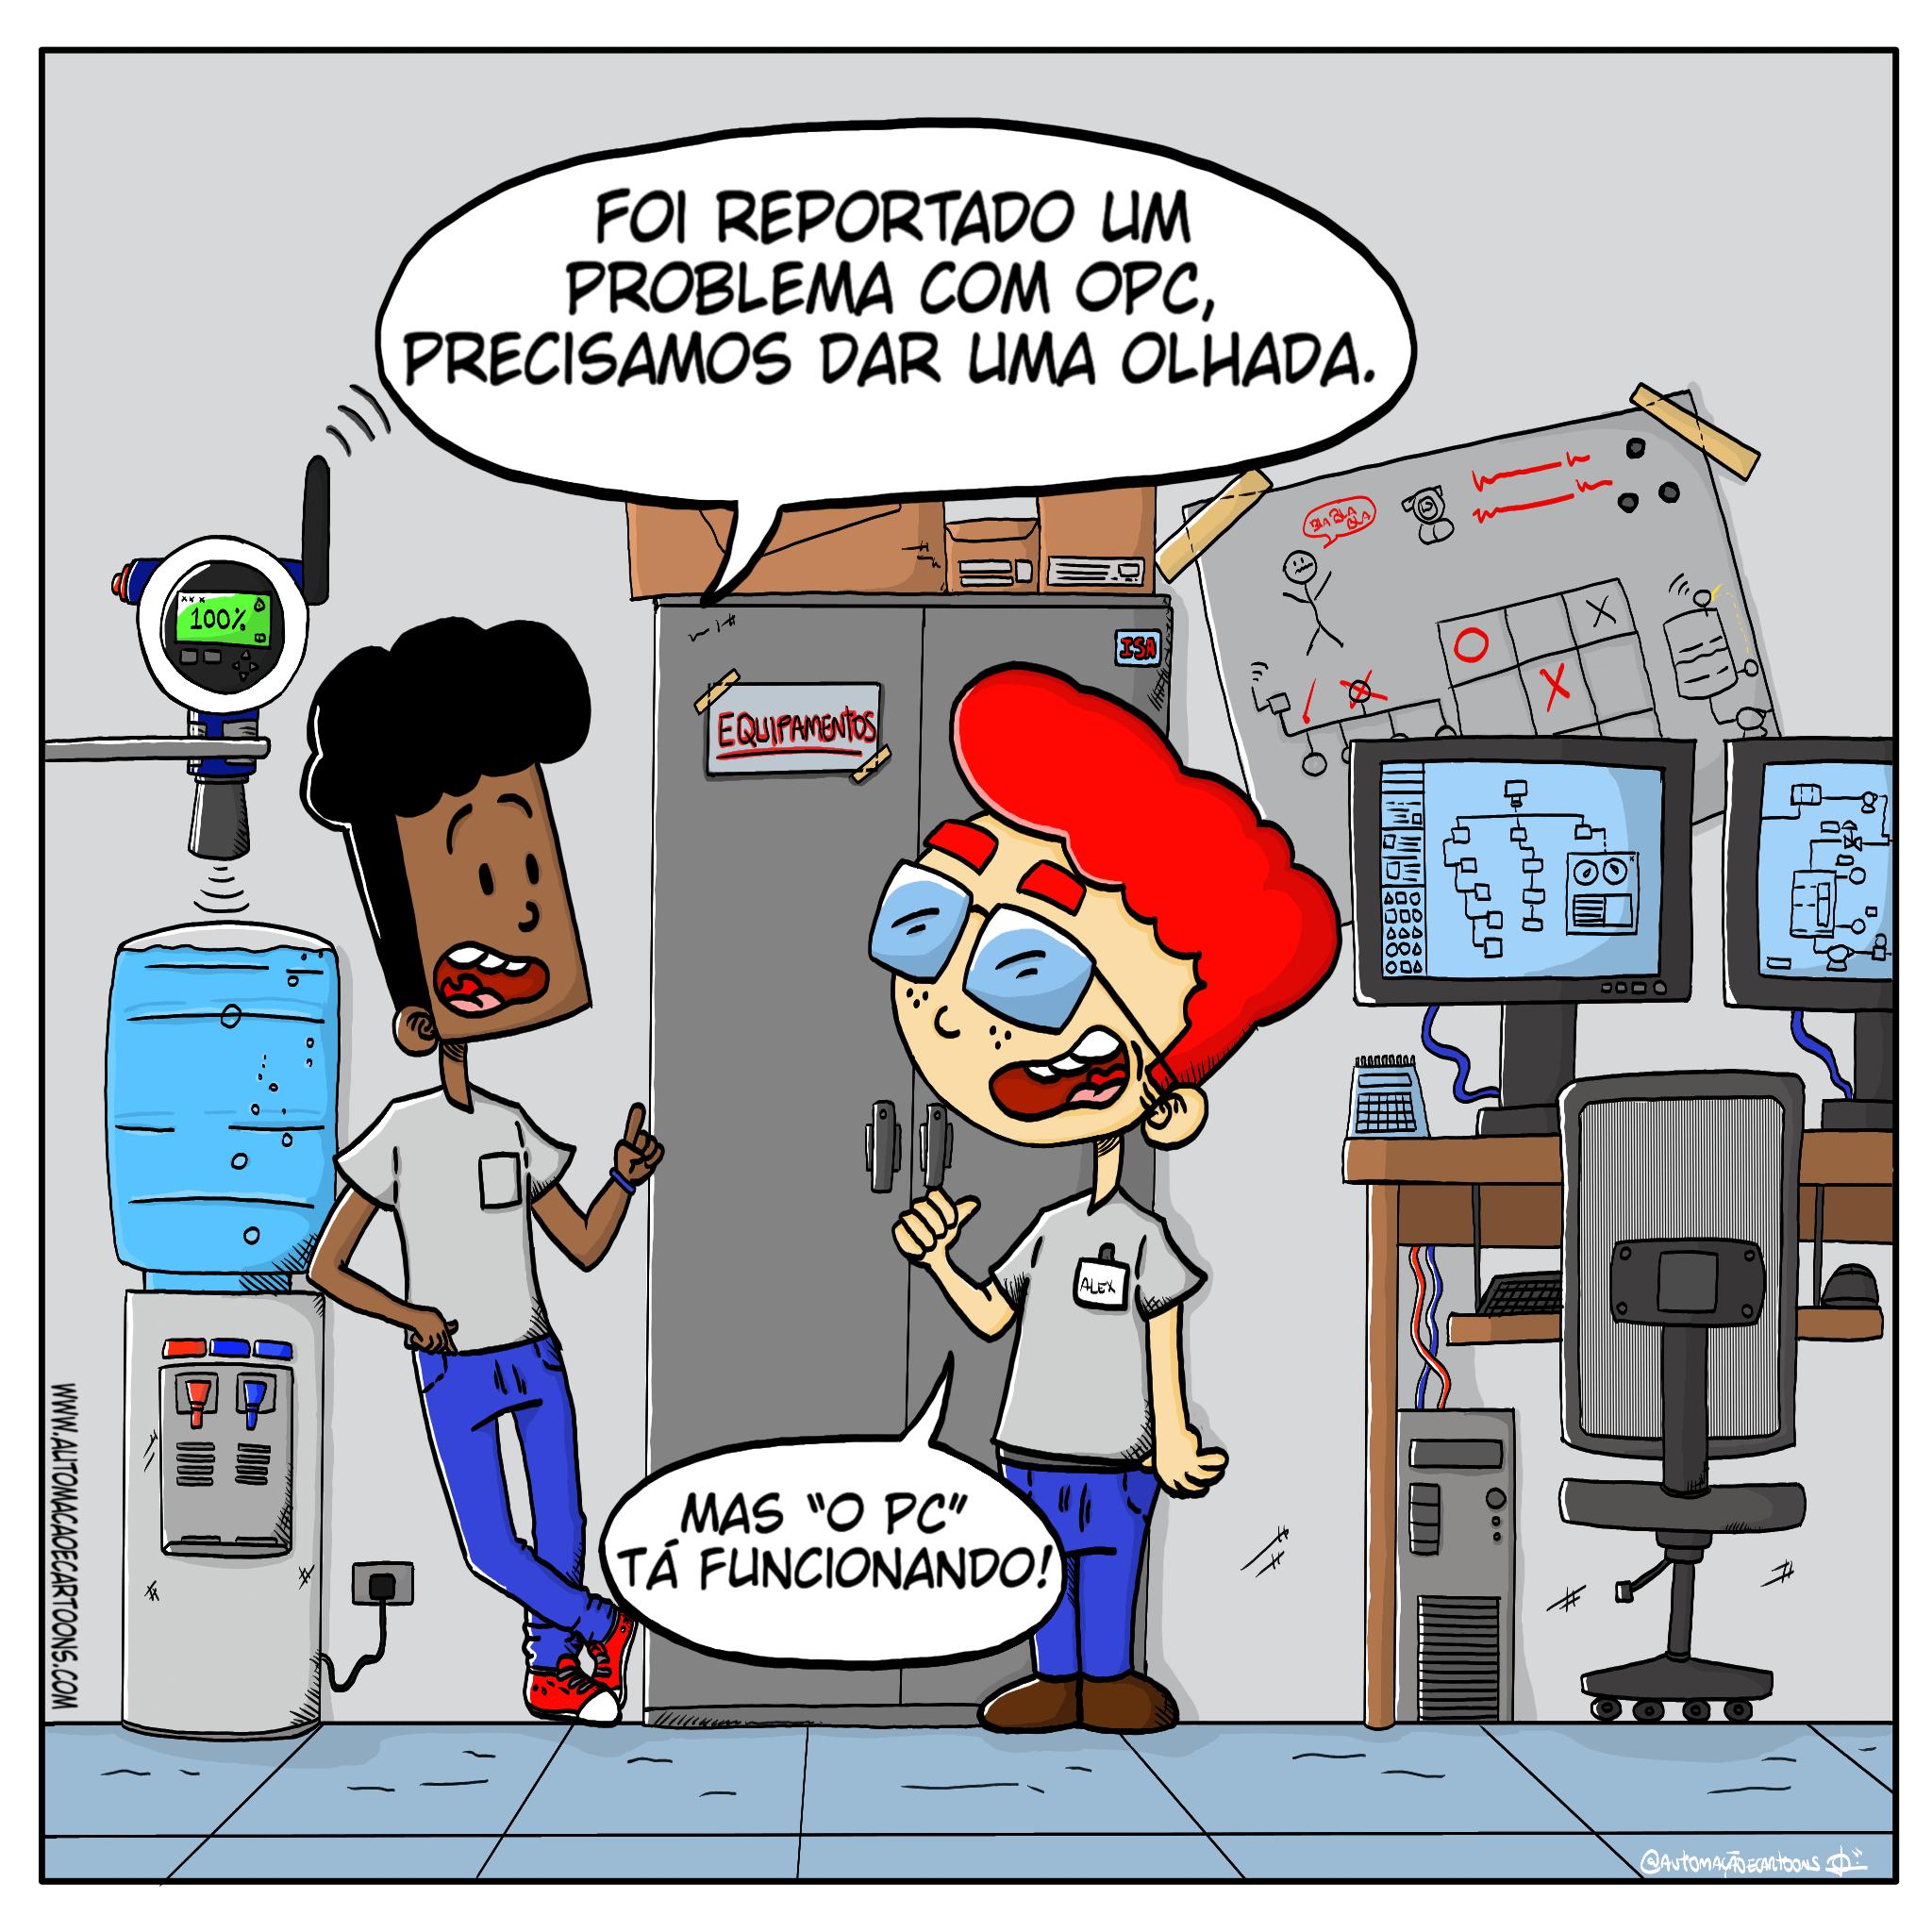 Falando sobre a comunicação OPC e OPC UA - Automacao & Cartoons